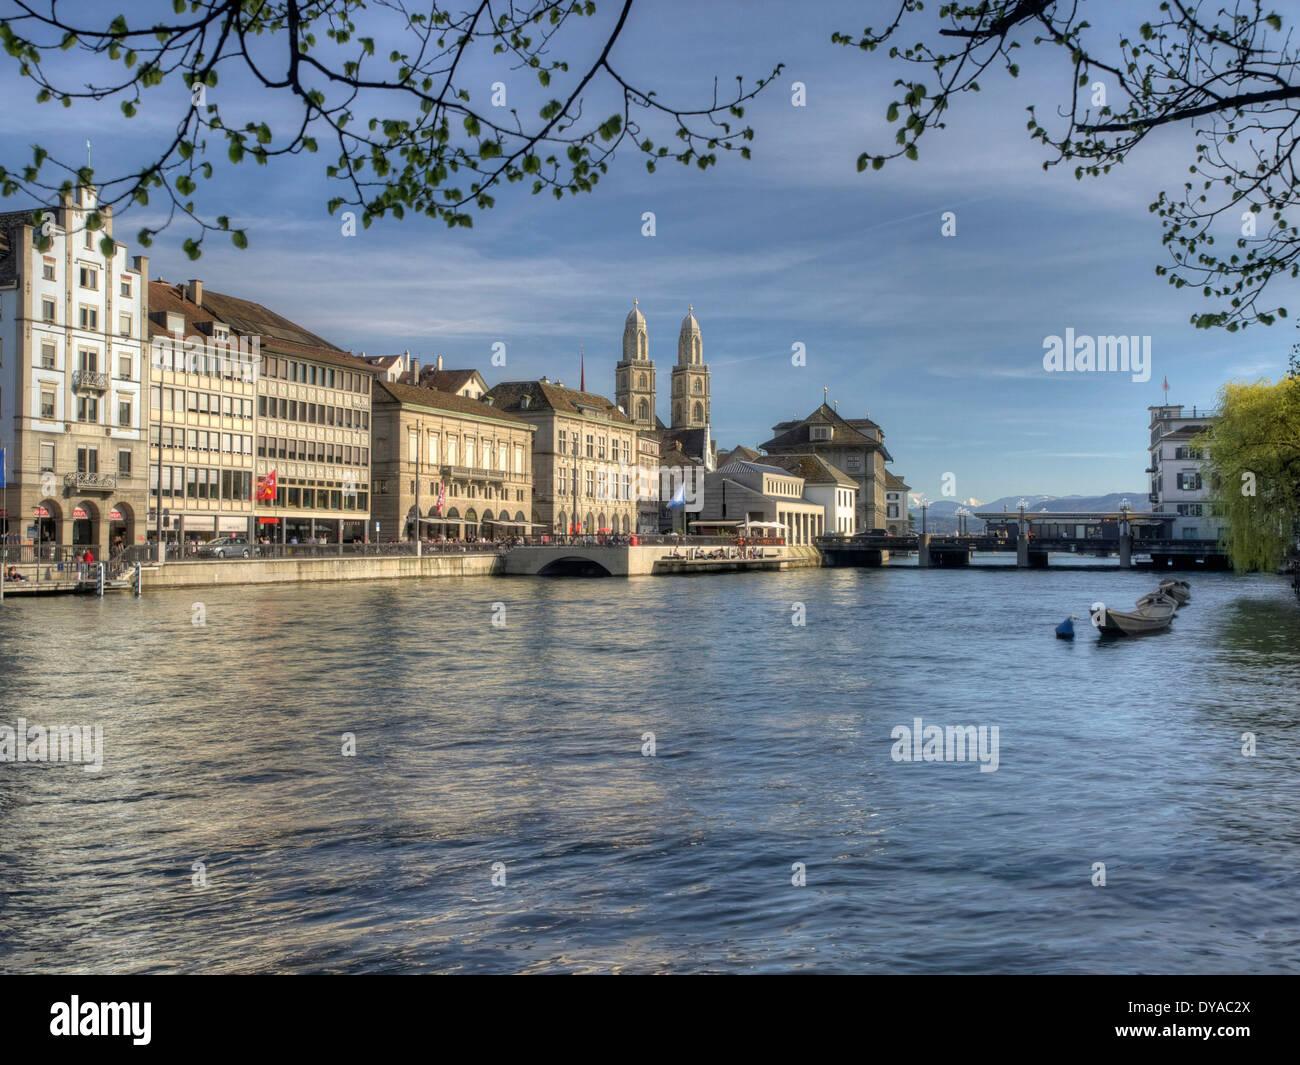 Zurich, Switzerland, Europe, boats, spring, Limmat, limmatquai, bridge, schipfe, water, Weidling, - Stock Image